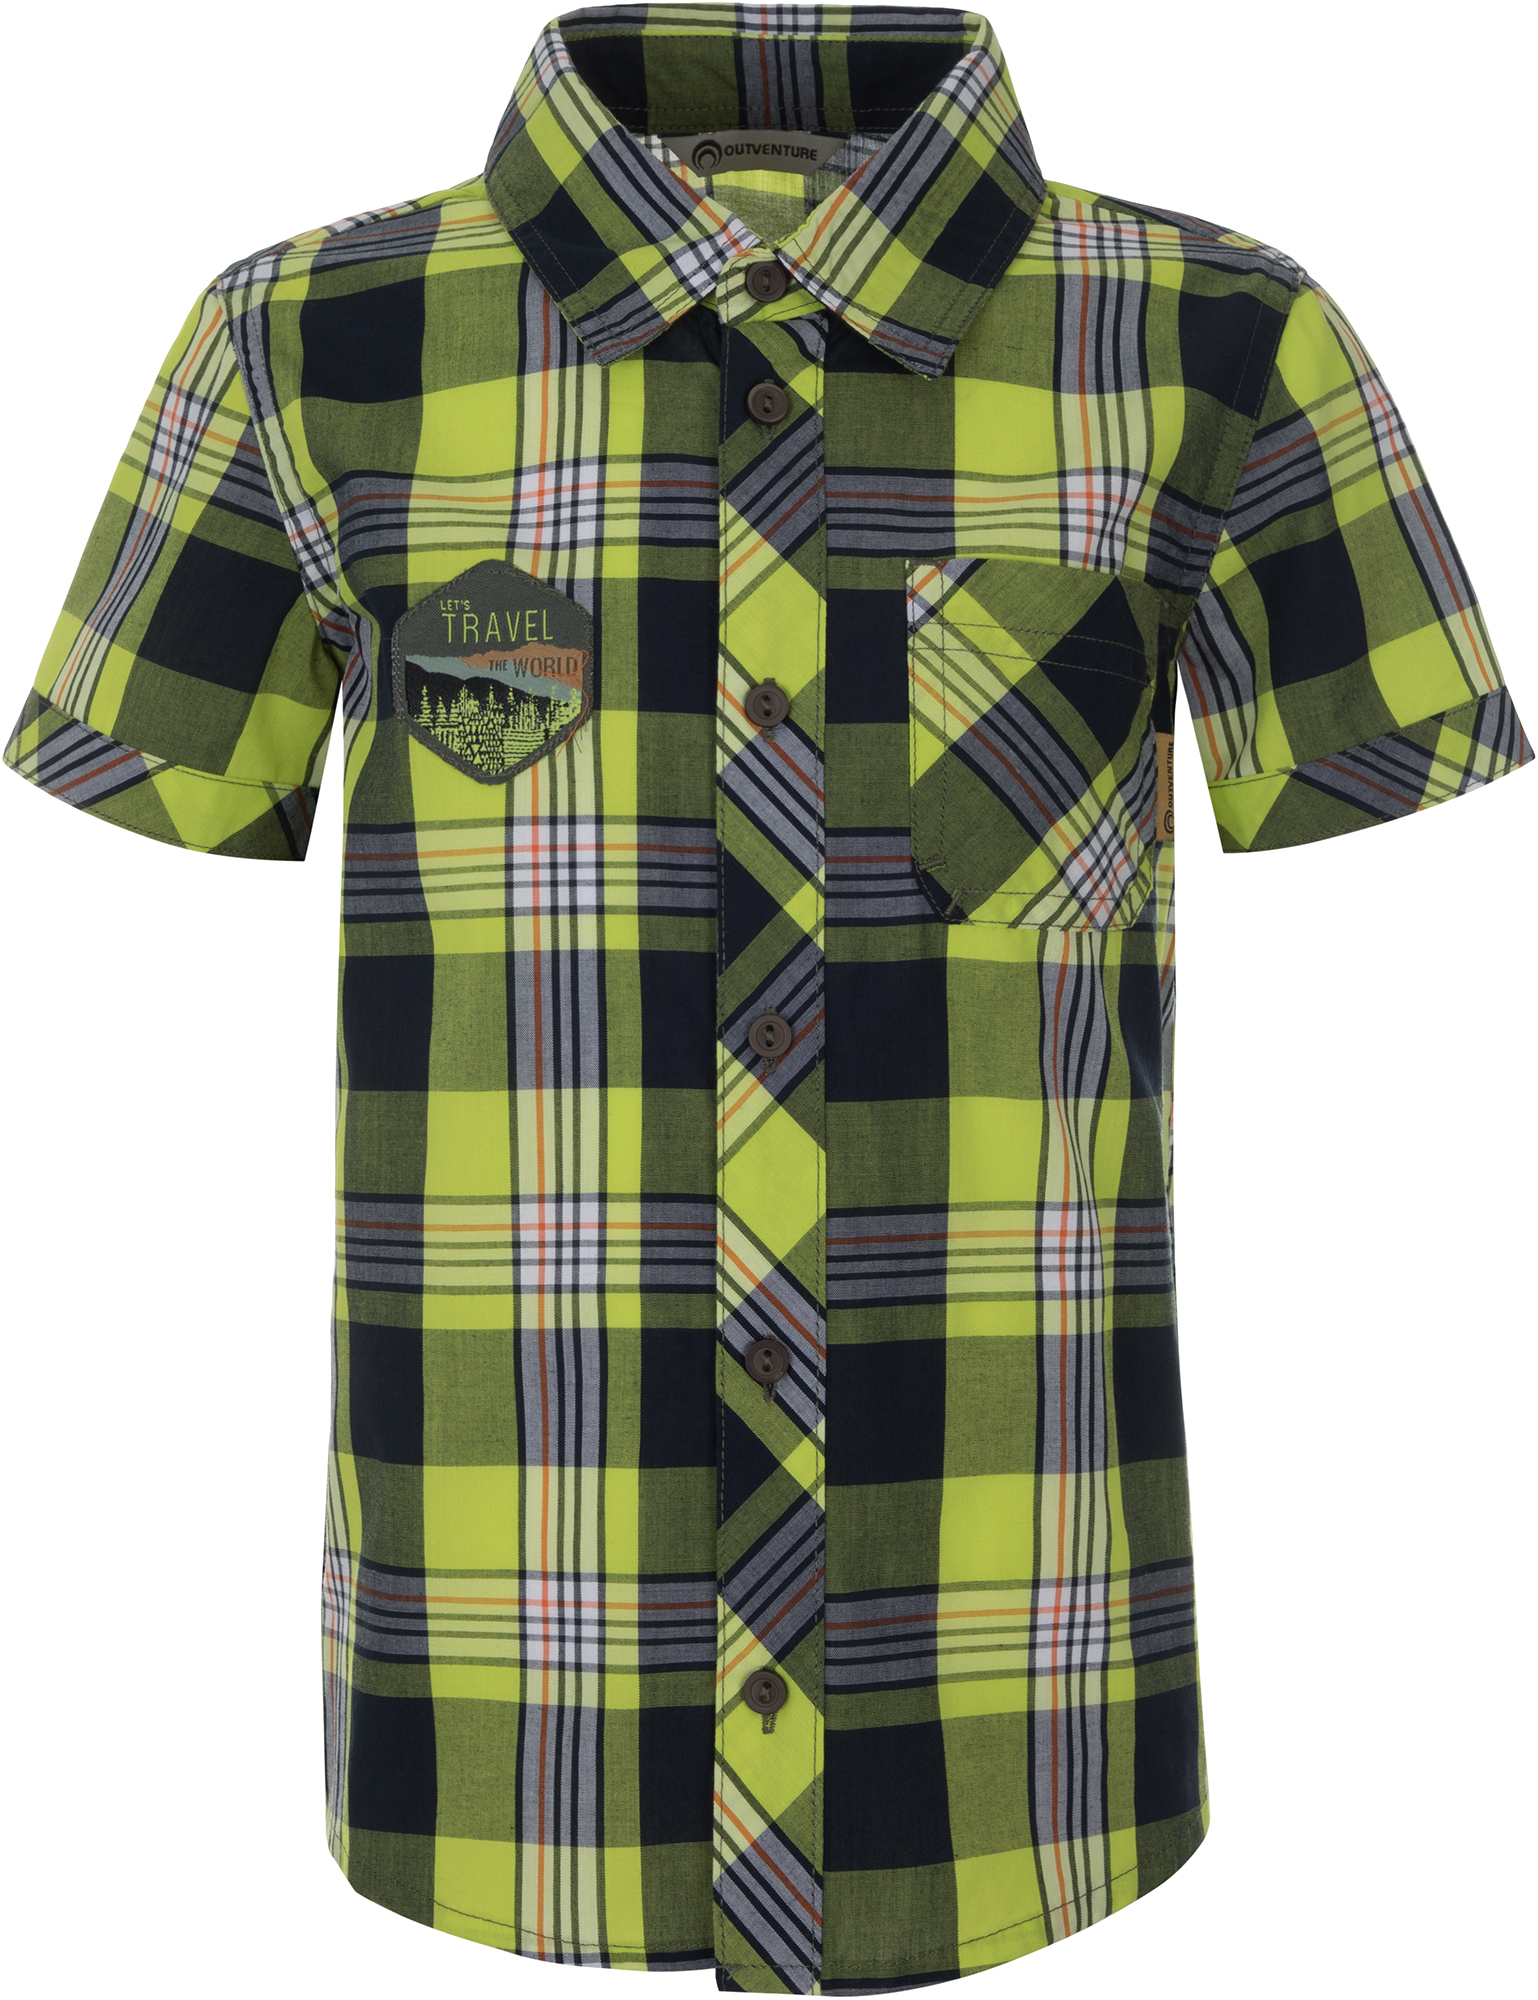 Outventure Рубашка с коротким рукавом для мальчиков Outventure, размер 104 мужская рубашка с коротким рукавом белый